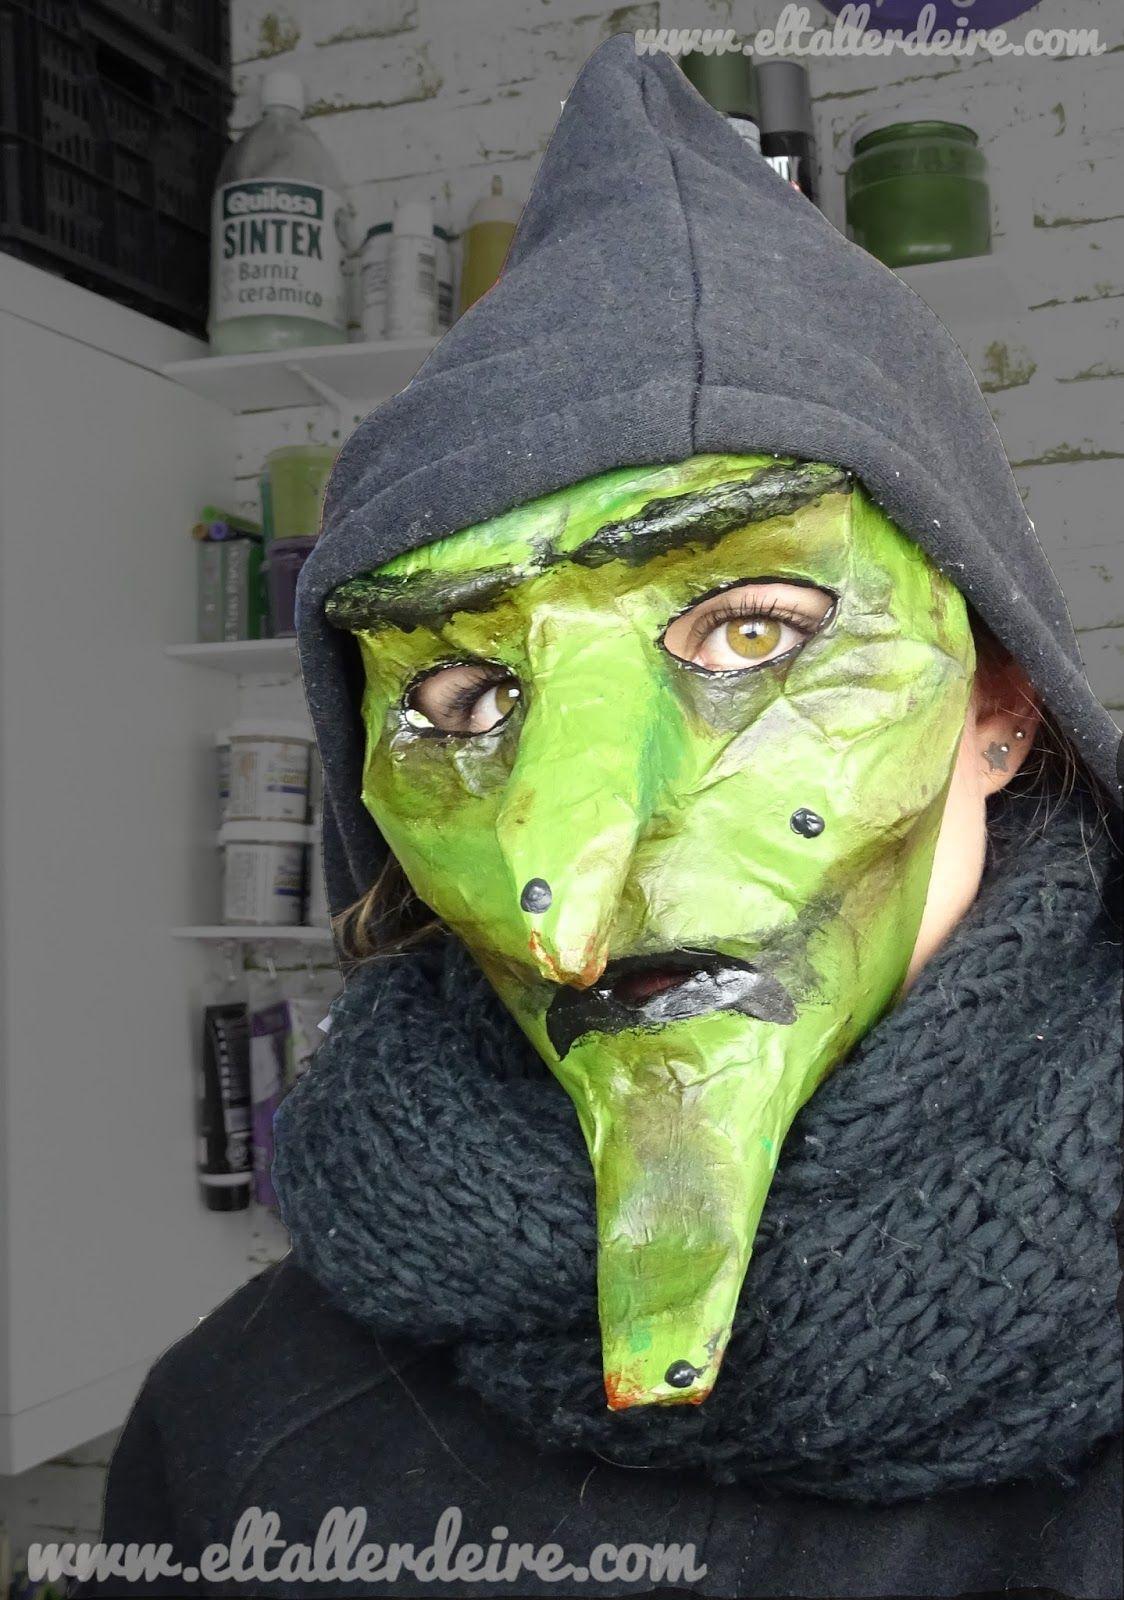 El taller de Ire: Cómo hacer una máscara de bruja para Halloween ...